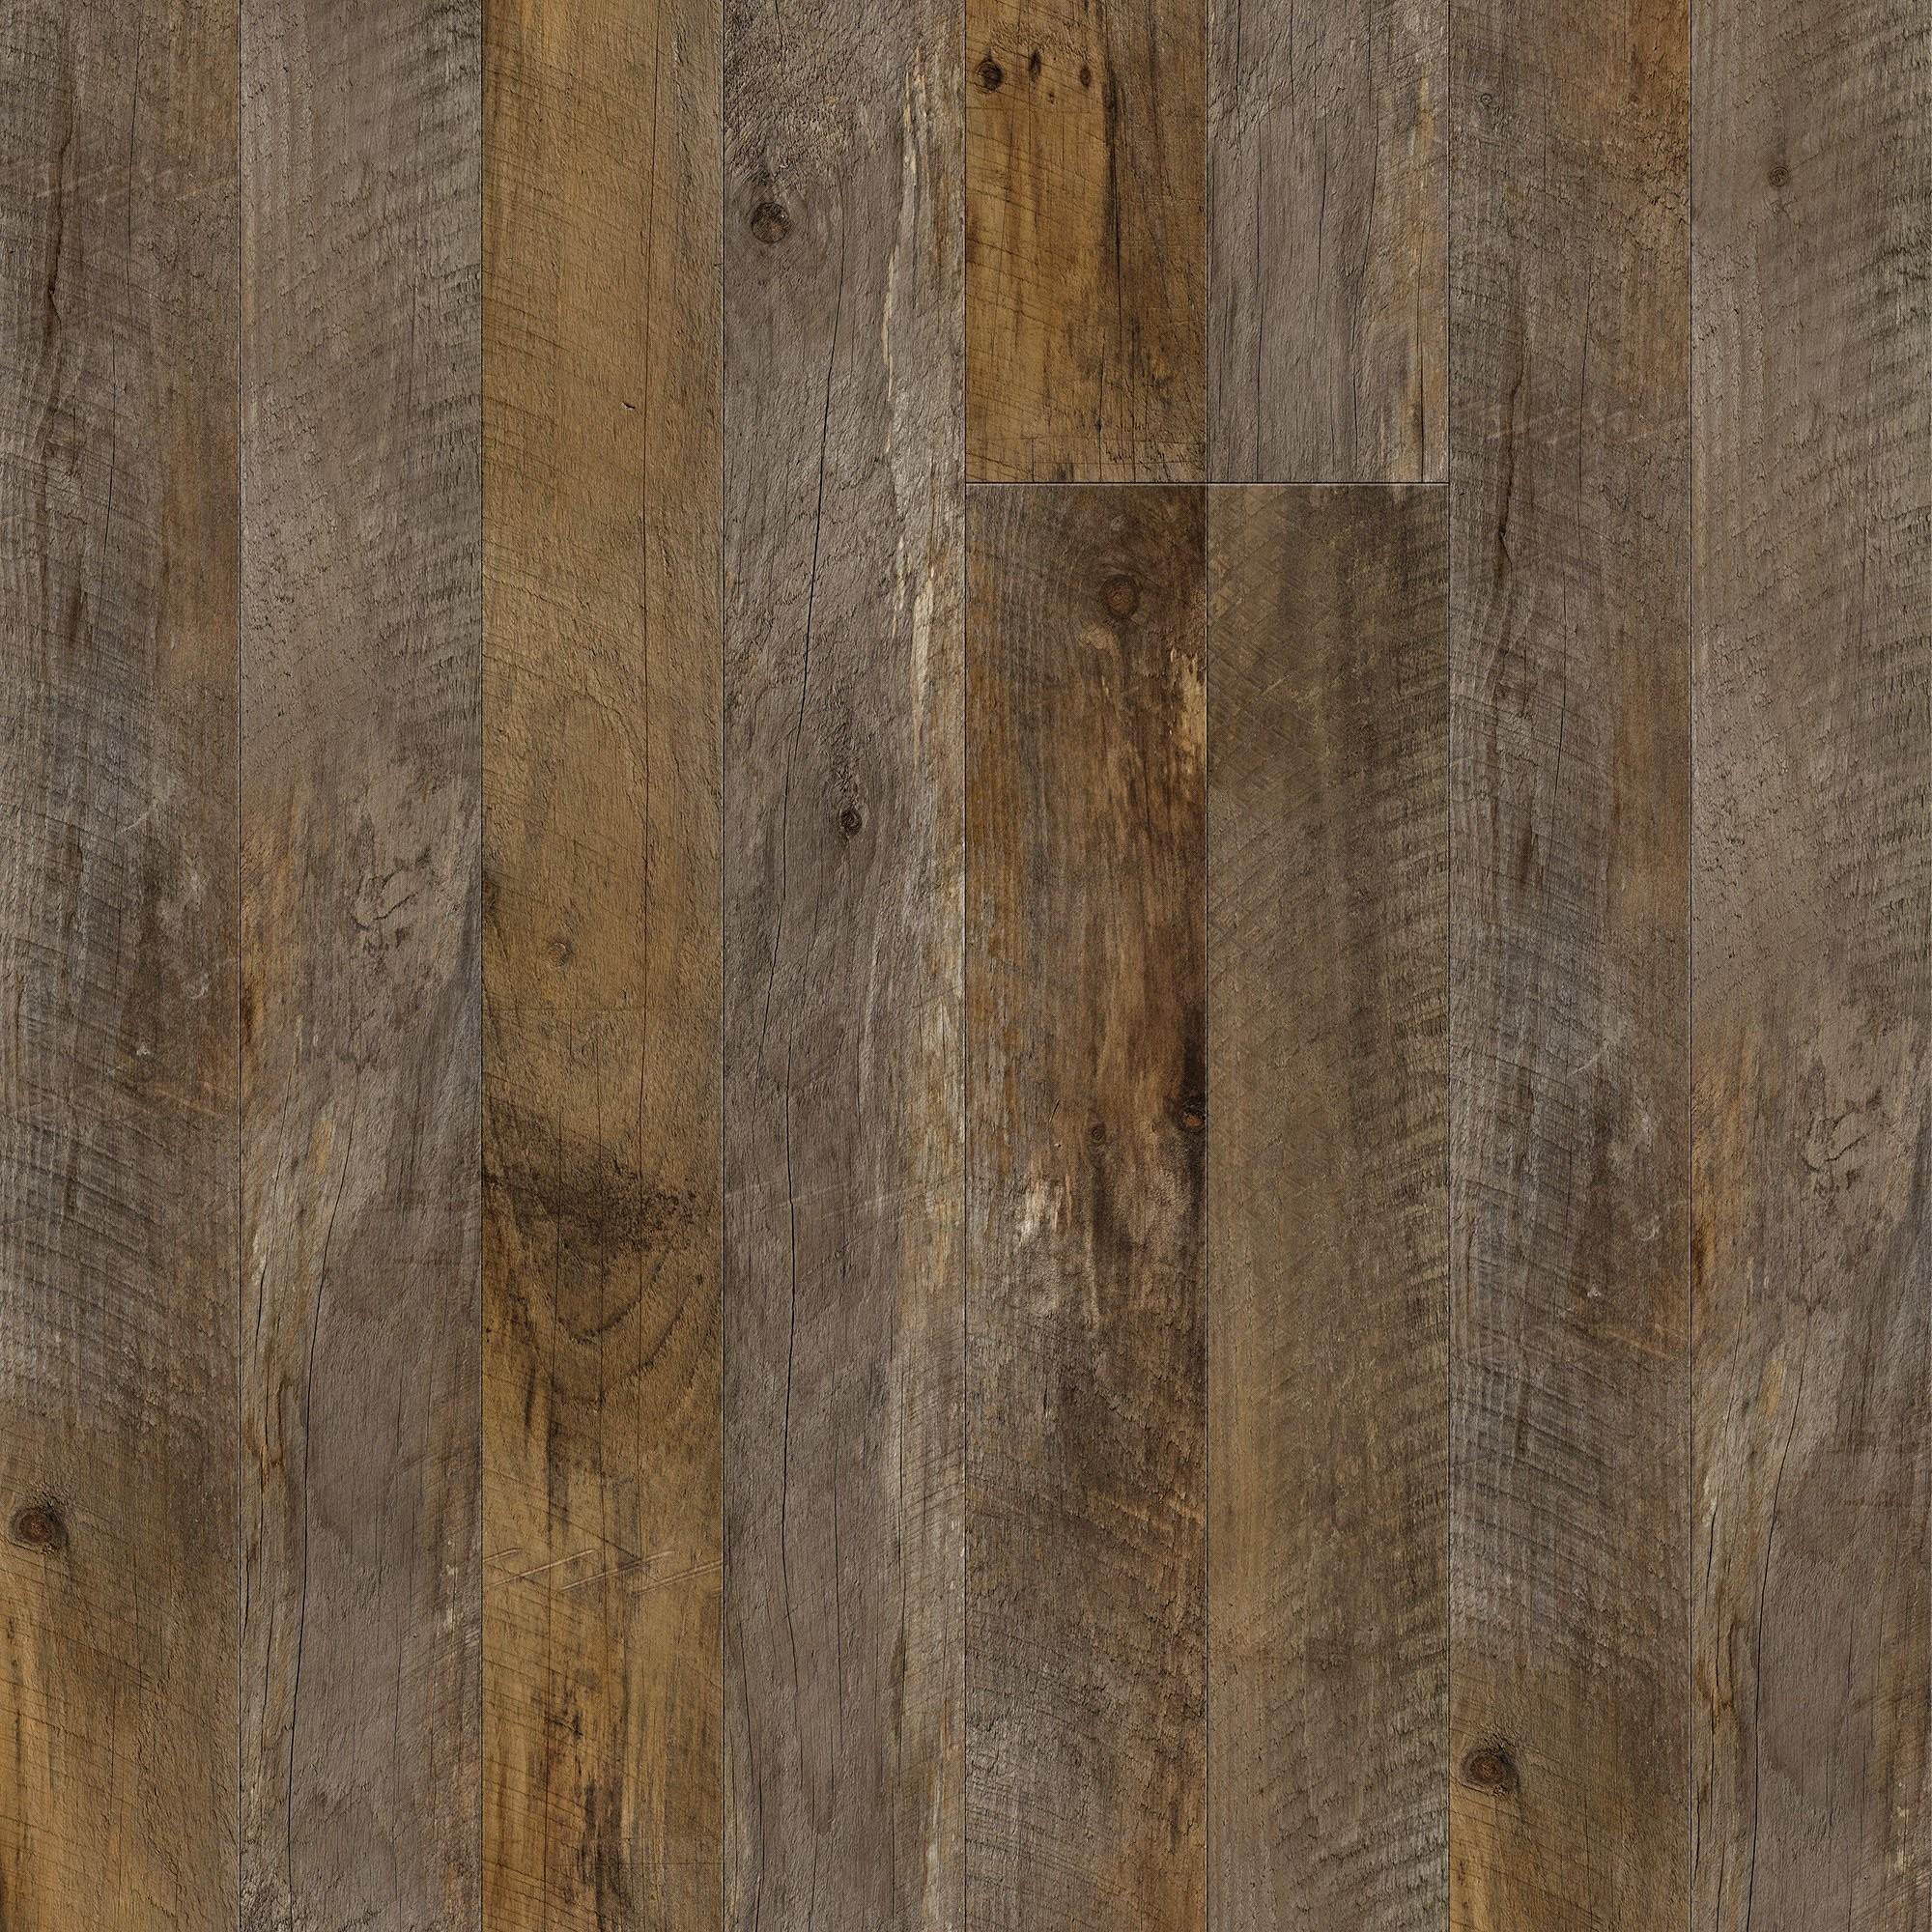 Barn Wood Brown Wallpaper